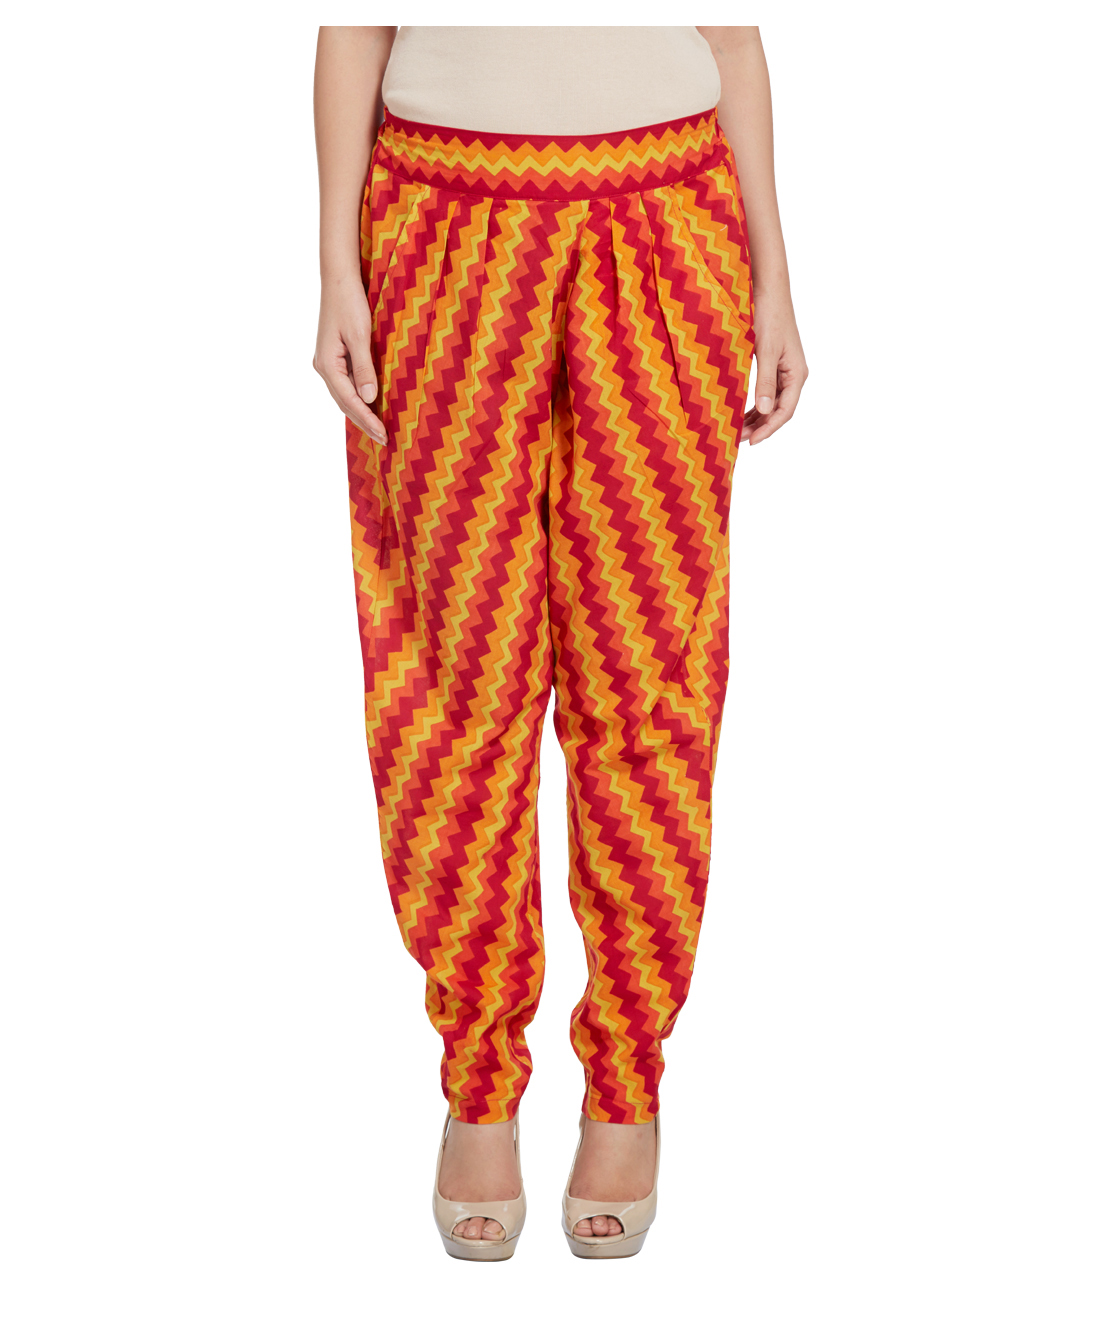 ENAH graphic print pants